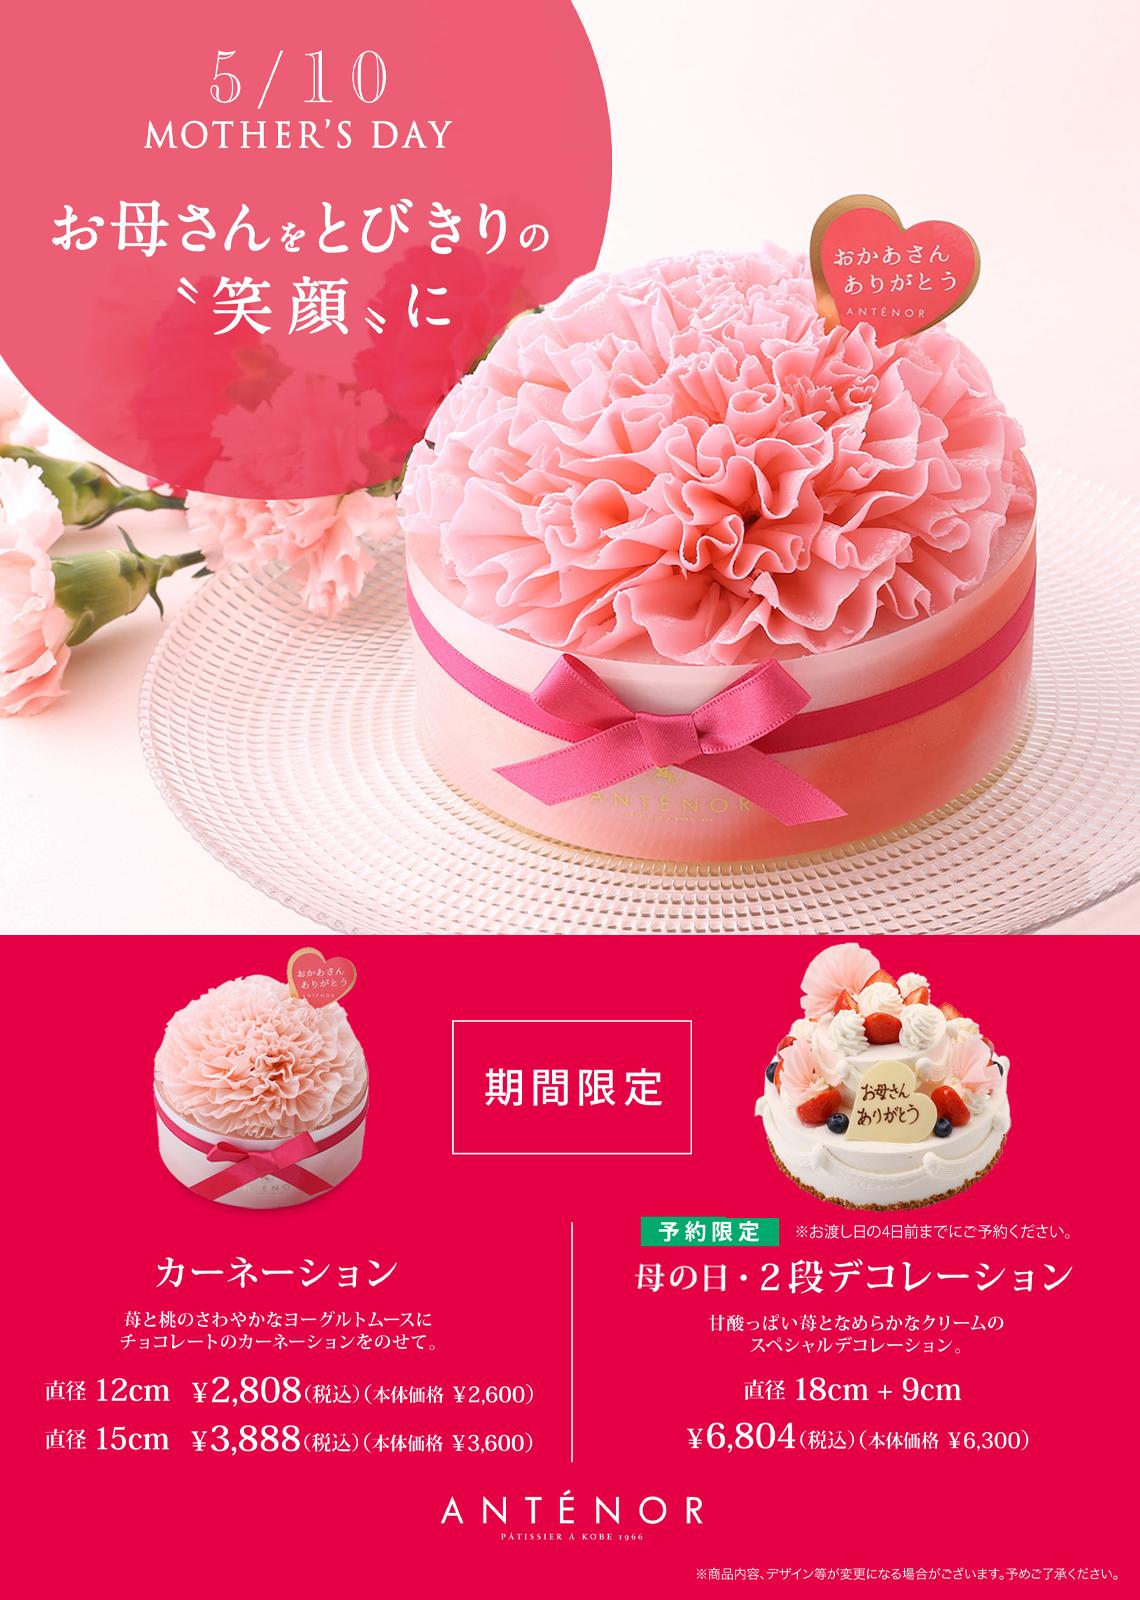 母の日限定ケーキ|ANTENOR アンテノール オフィシャルサイト